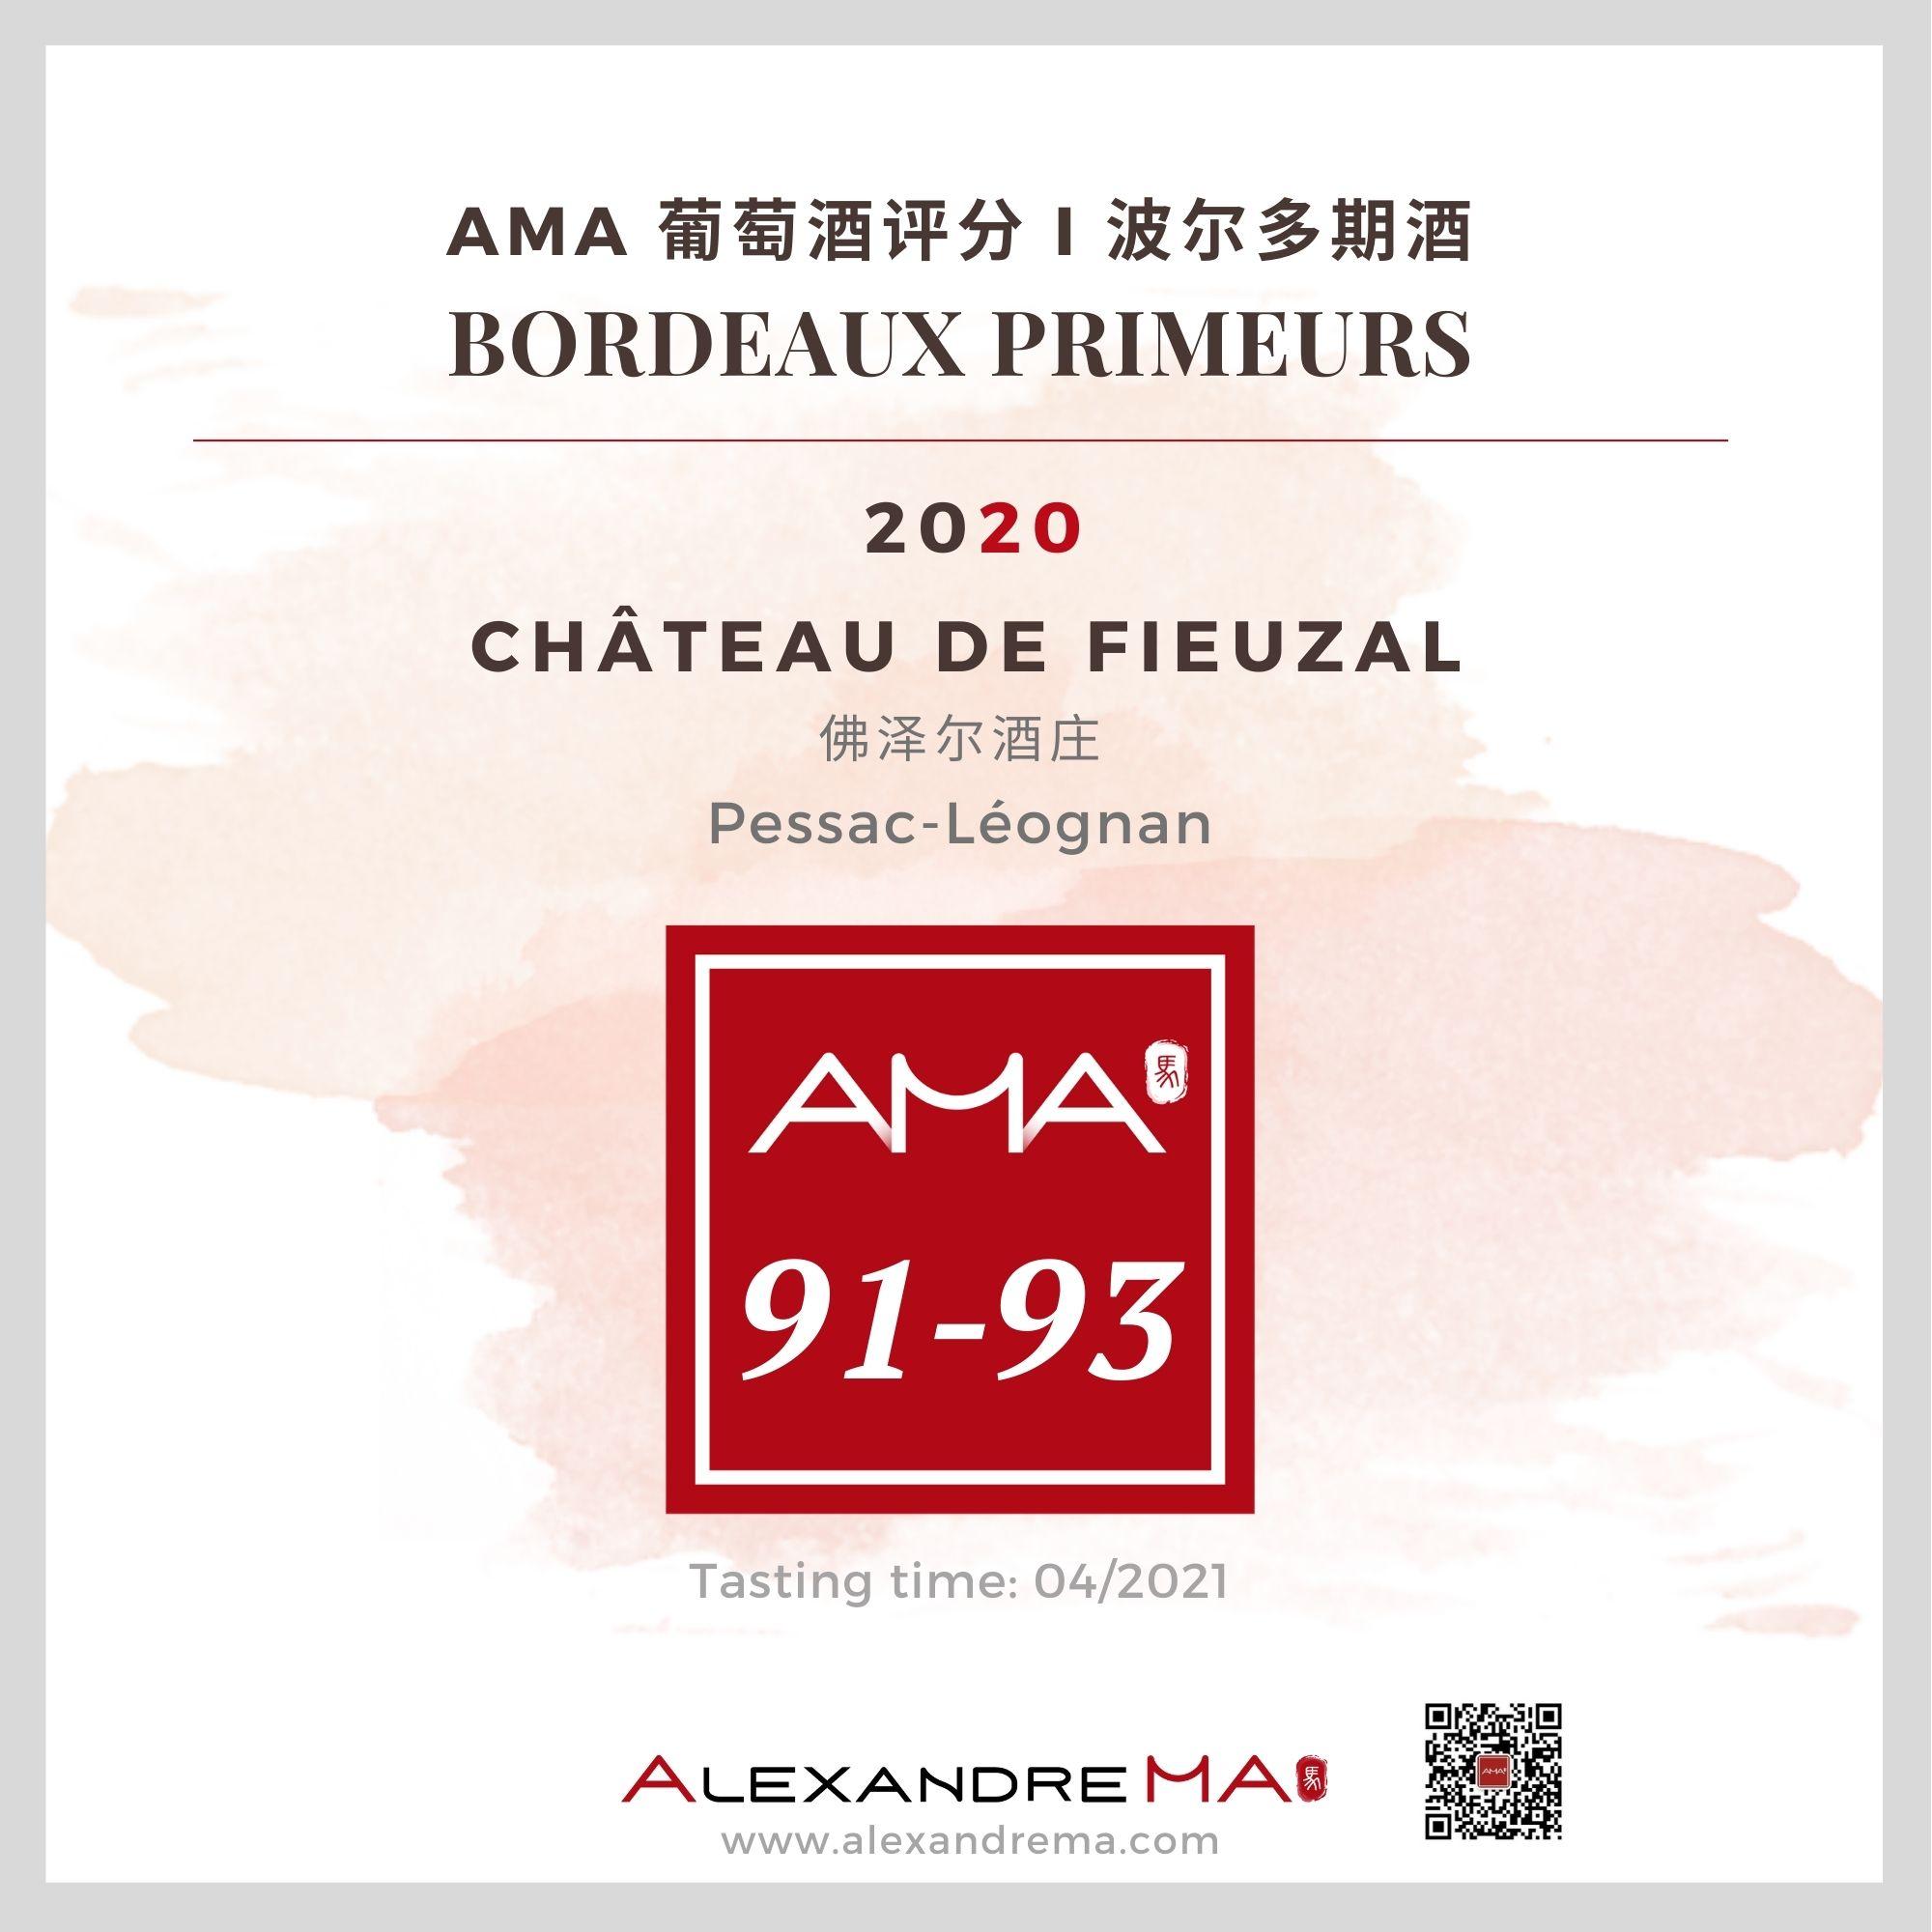 Château de Fieuzal 2020 佛泽尔酒庄 - Alexandre Ma